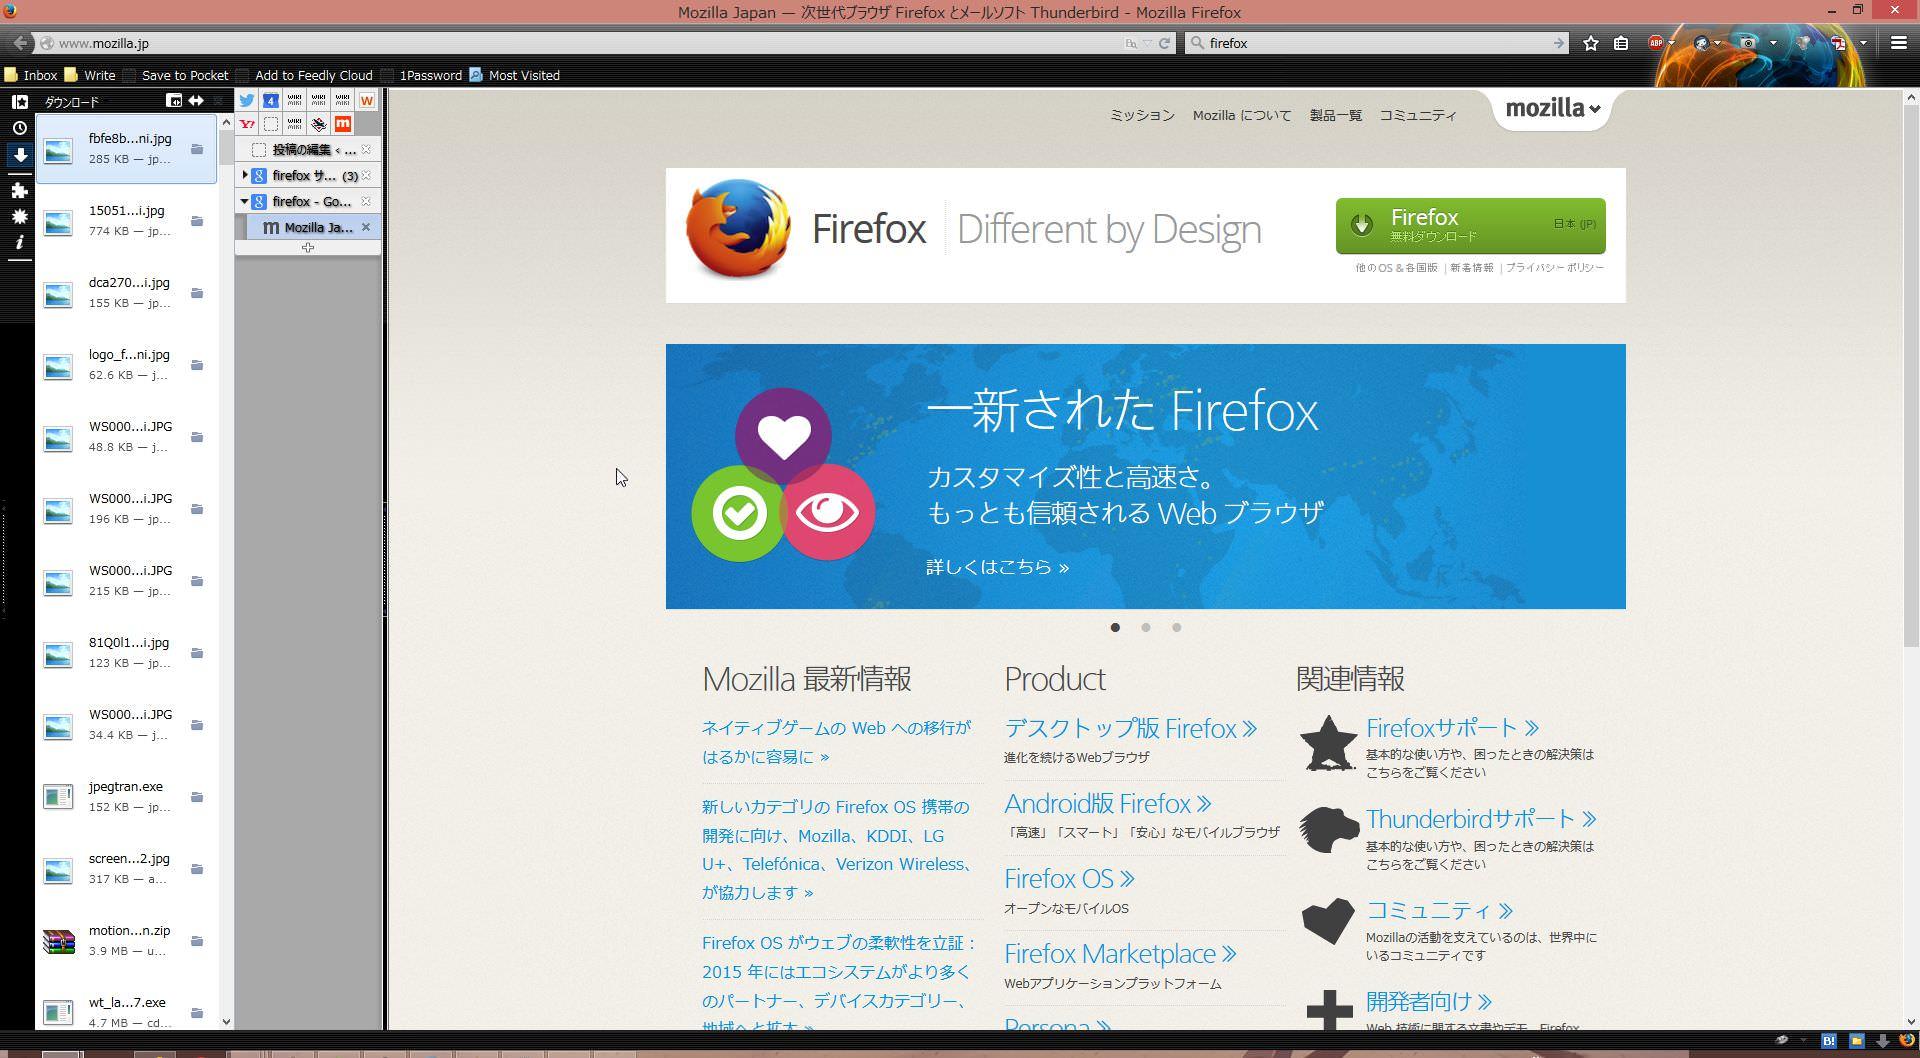 firefox ダウンロード履歴